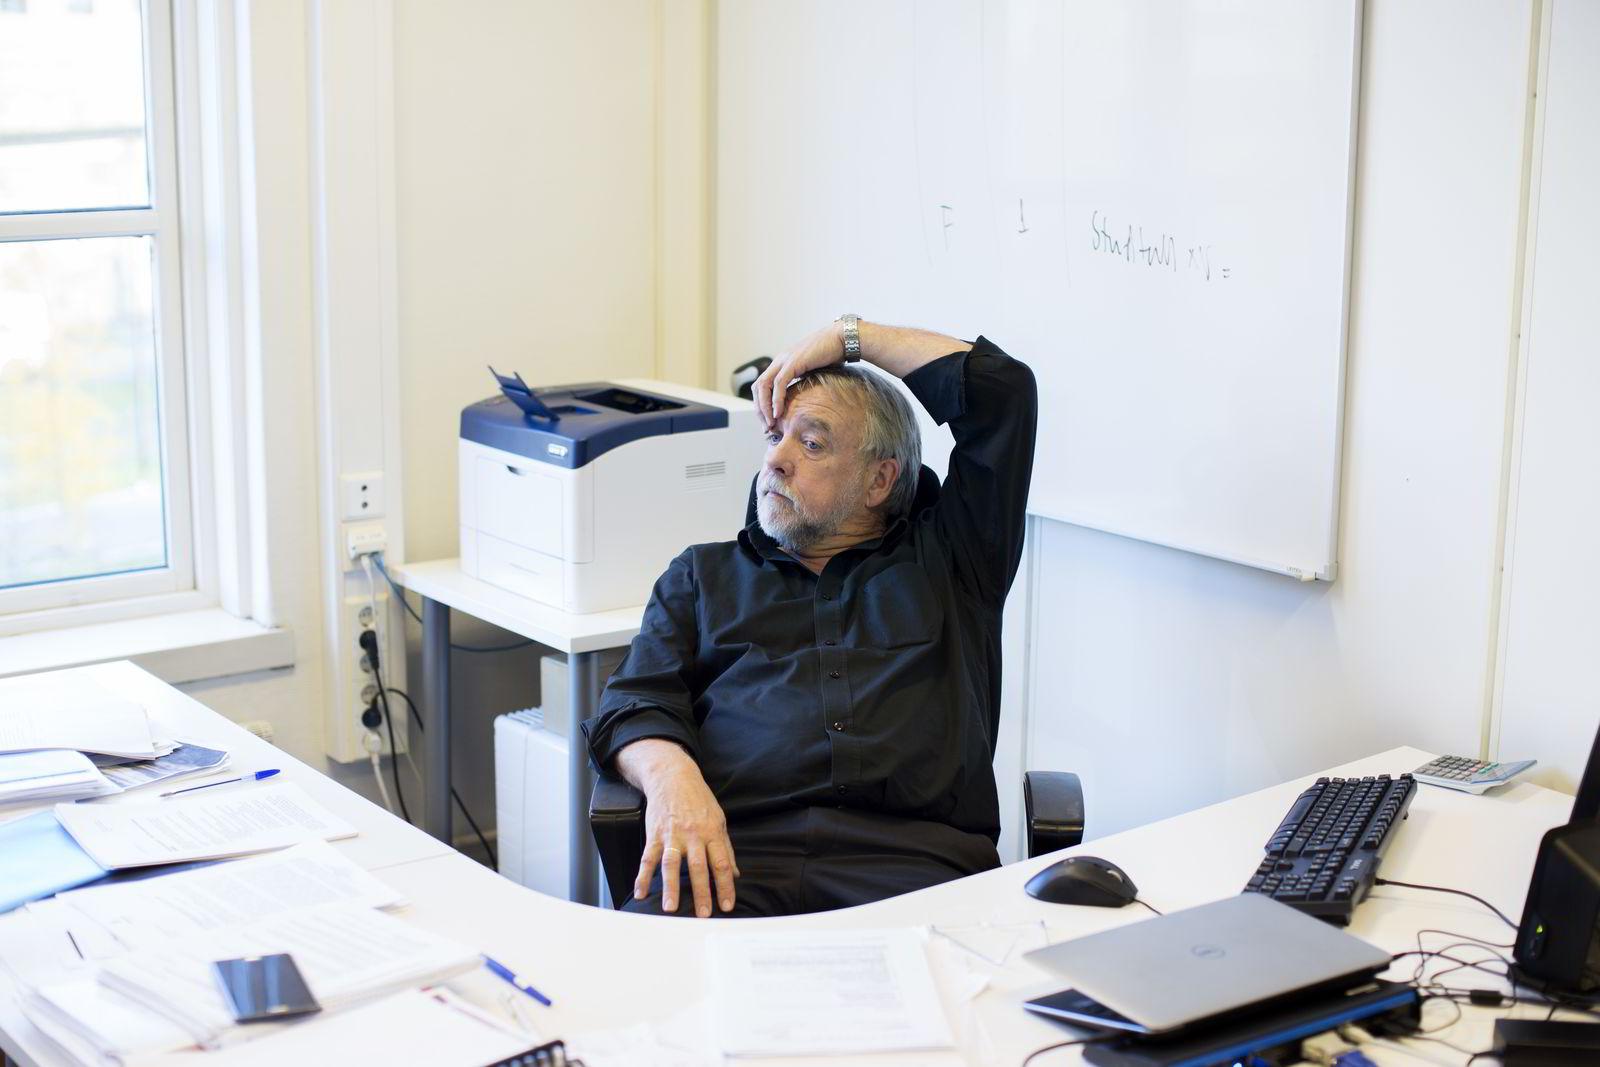 For rektor ved nye Westerdals Oslo ACT Bjørn Jarle Hanssen var det viktig å fortelle studentene hvordan fusjonene gagner studentene. Foto: